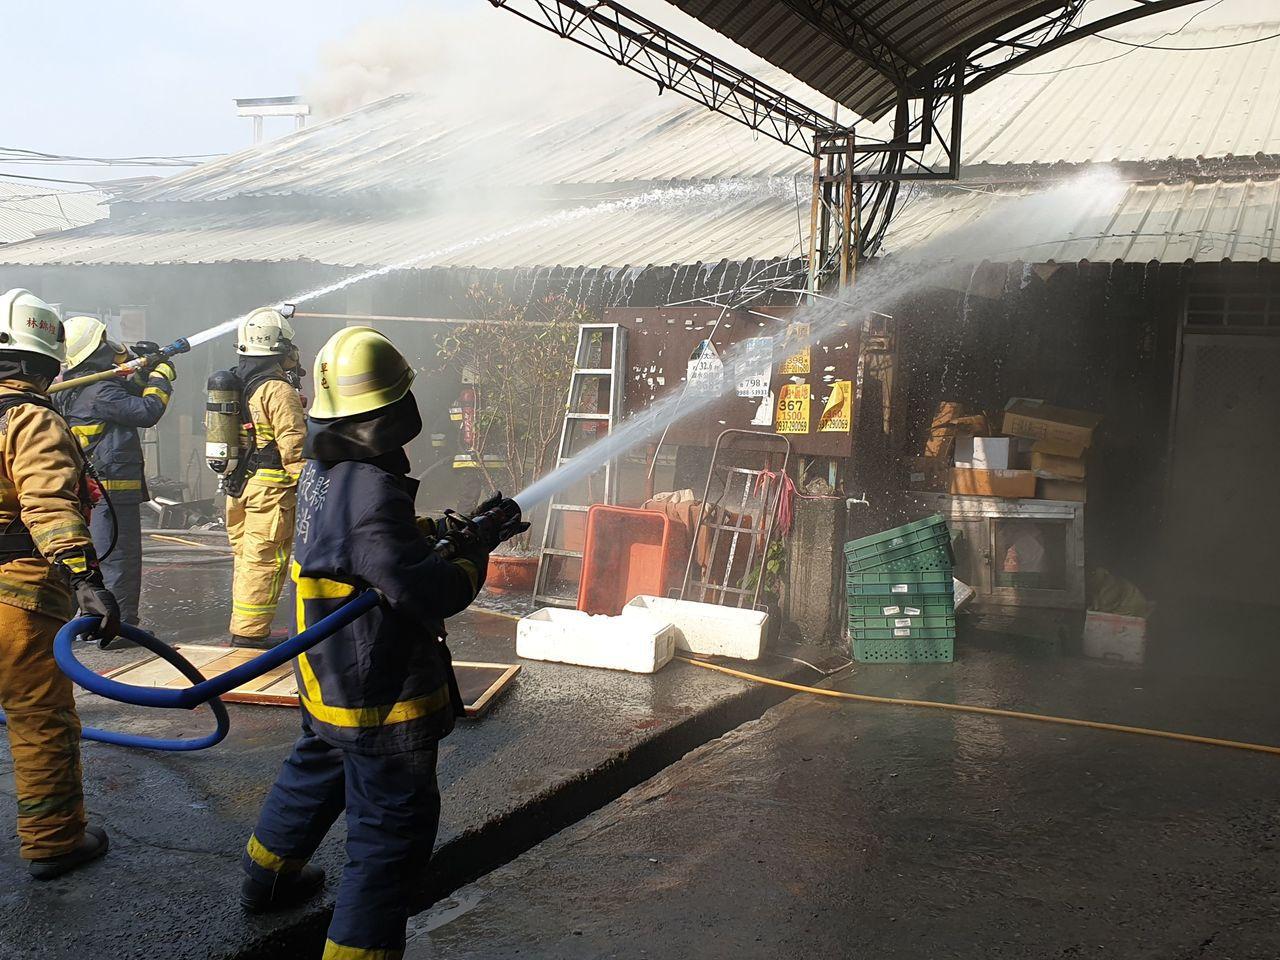 南投縣草屯大觀市場今下午有火警,濃煙不斷竄出,消防隊馳援,雖控制火勢,但持續悶燒...